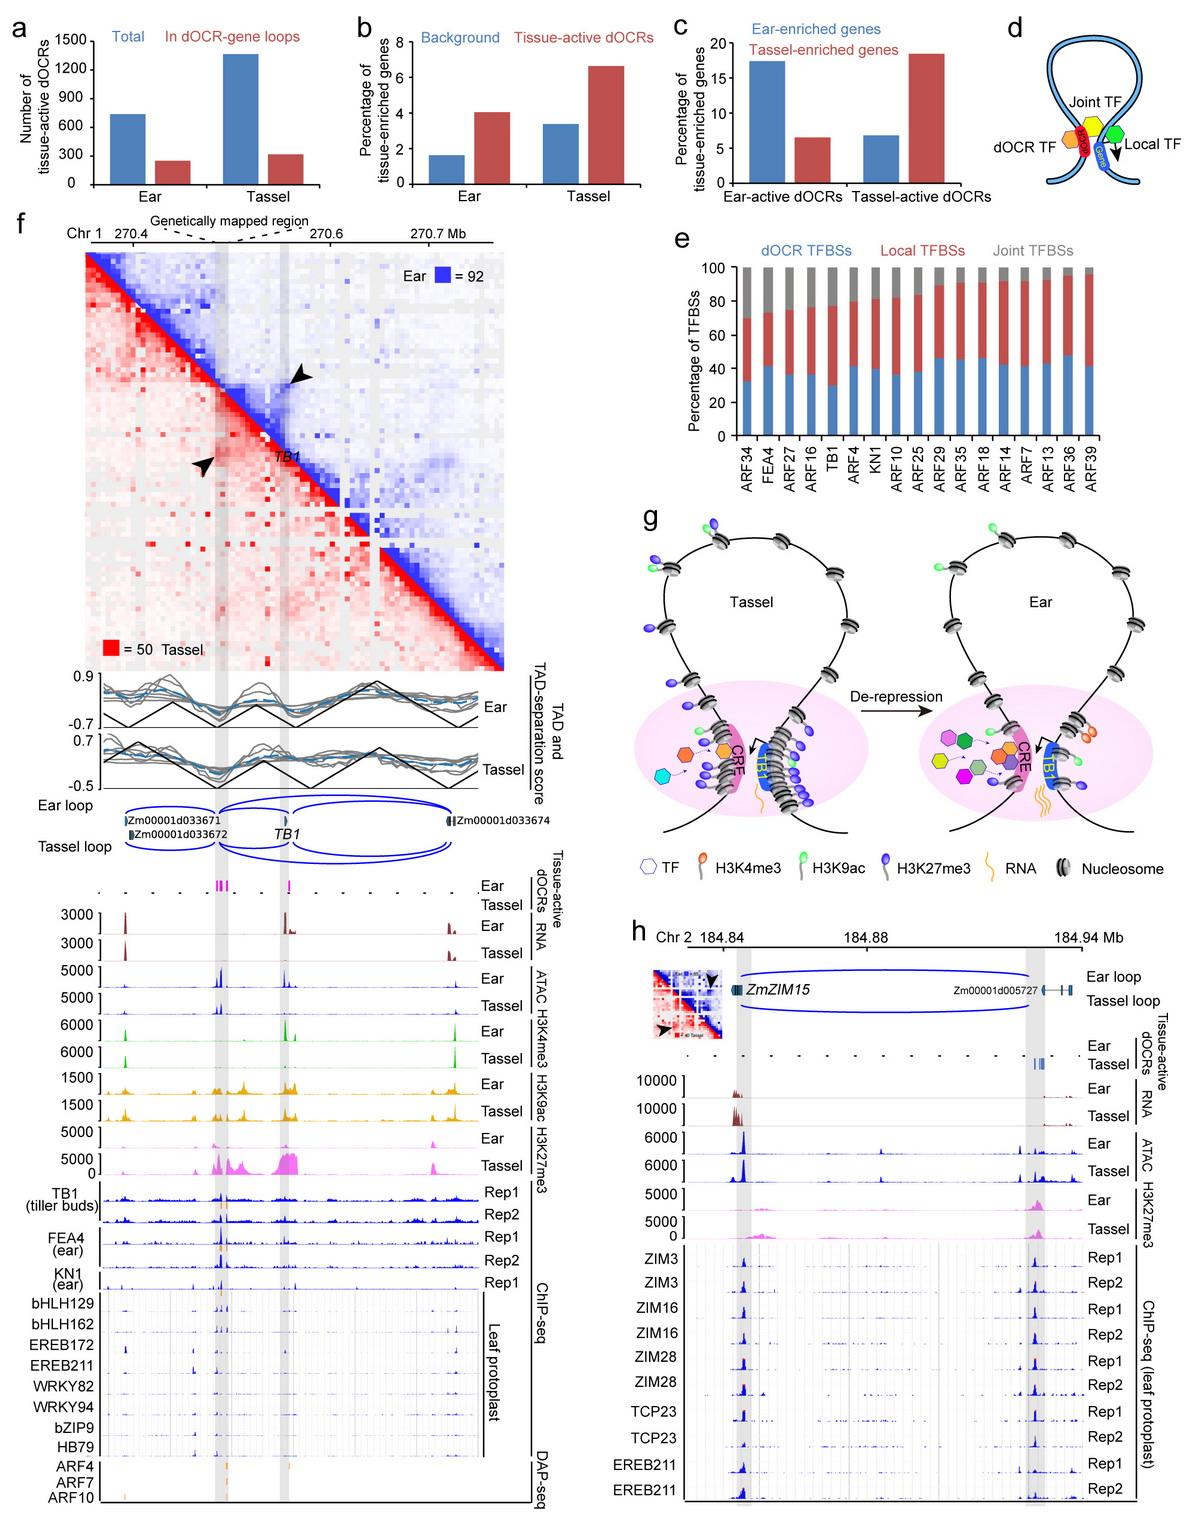 远端开放染色质区域的动态活性及转录因子结合有助于基因的组织差异表达